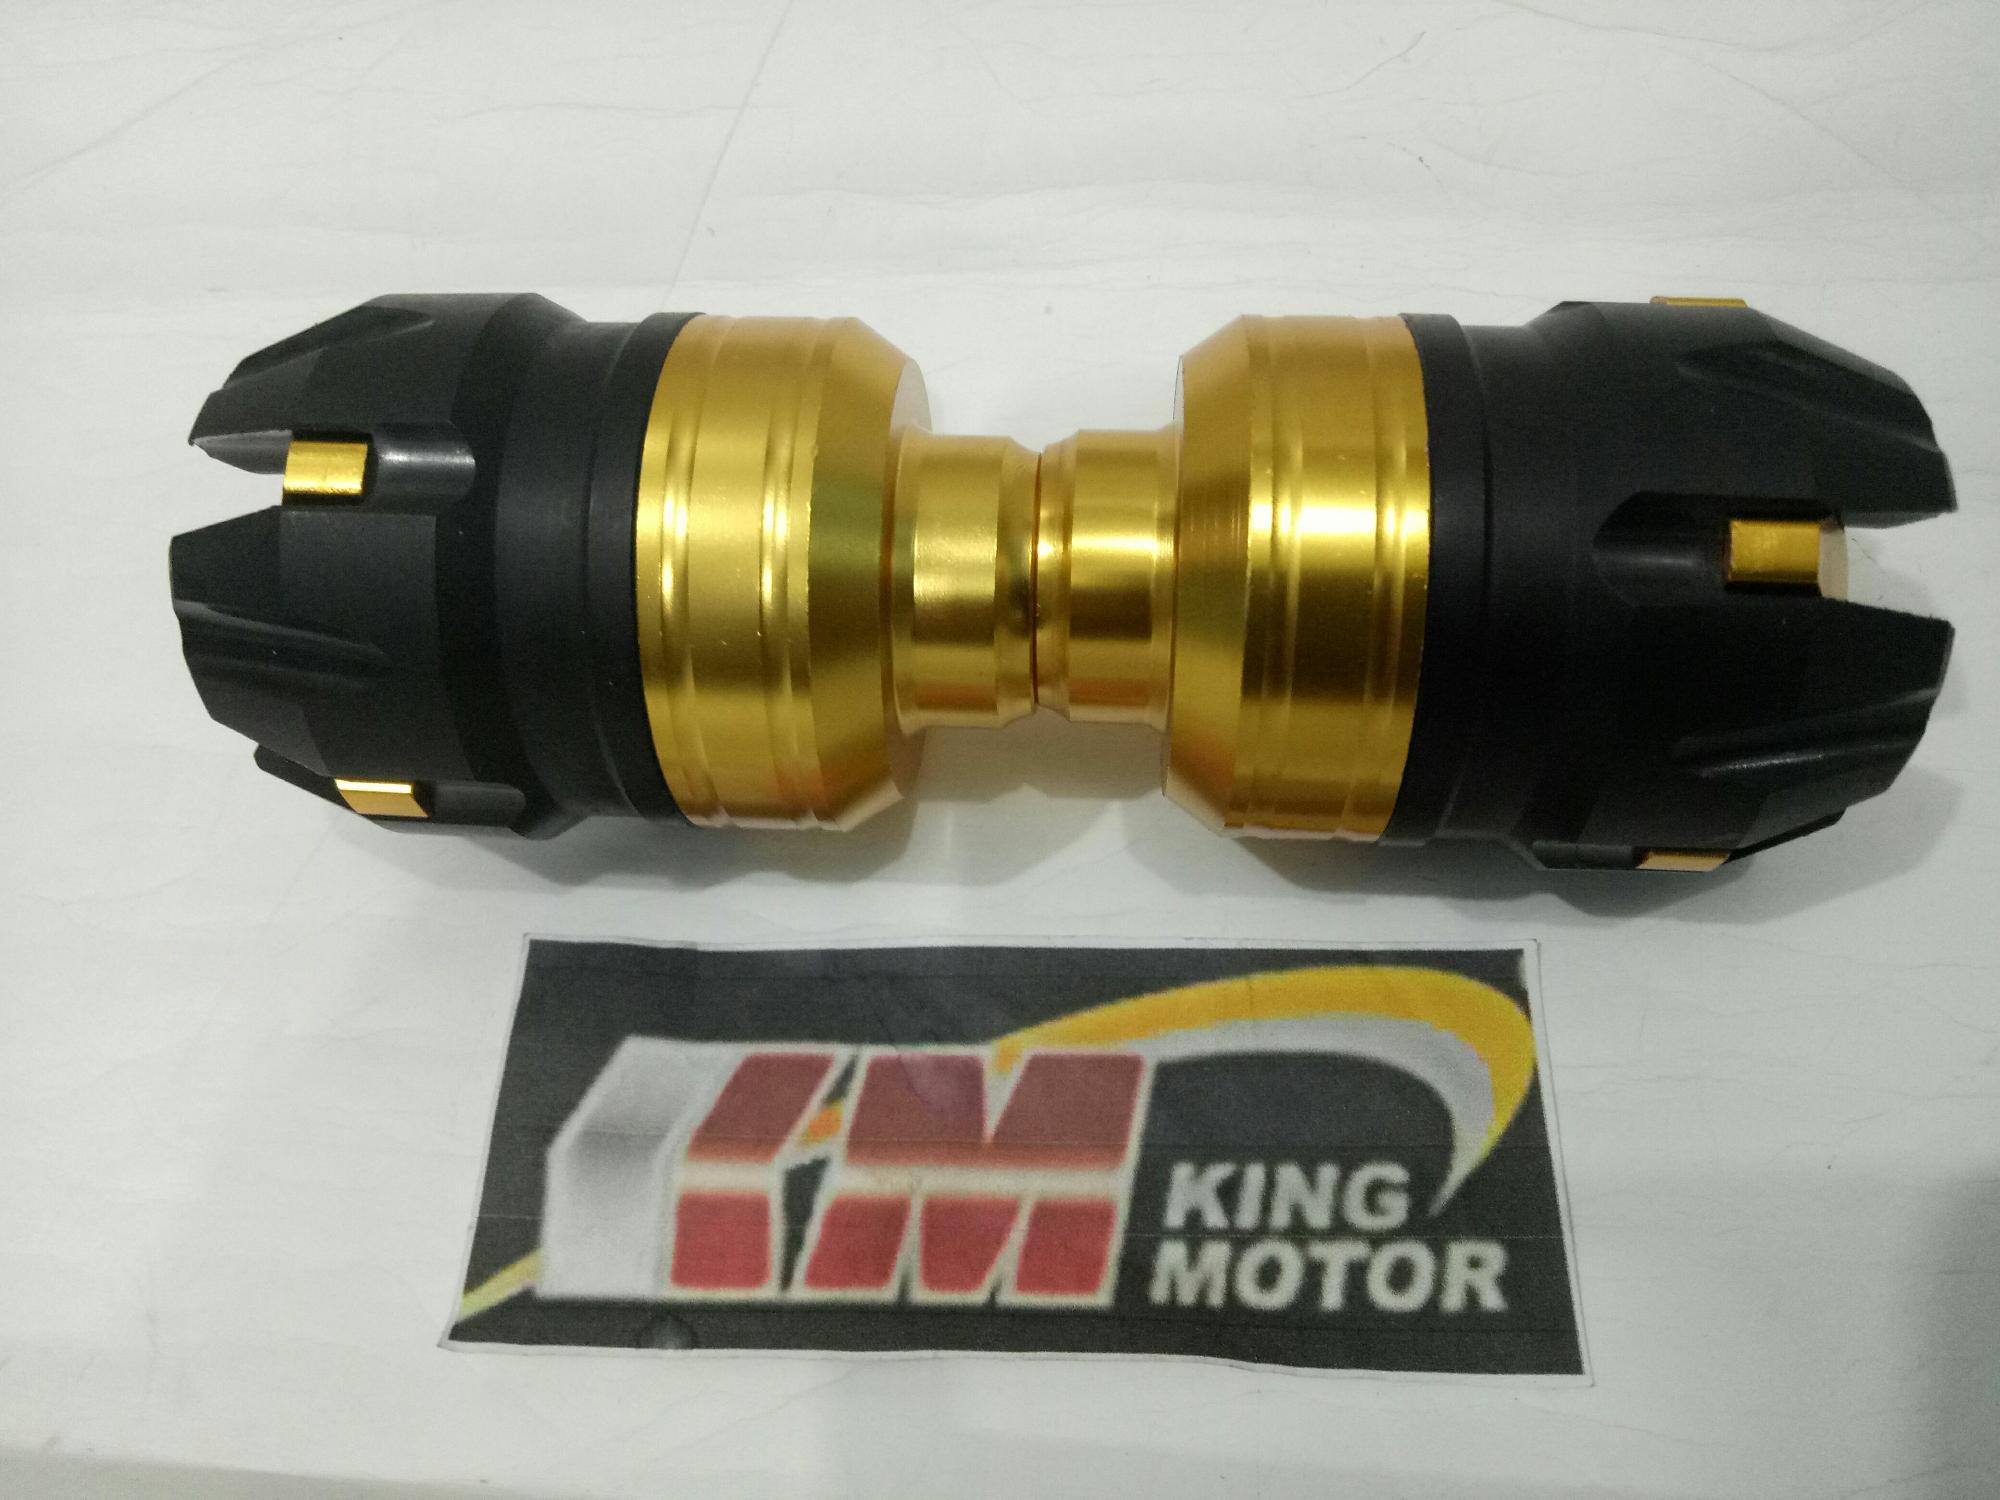 Fitur Jalu As Roda Depan Nmax Aerox Gold 1 Pasang Dan Harga Corong Detail Gambar Terbaru